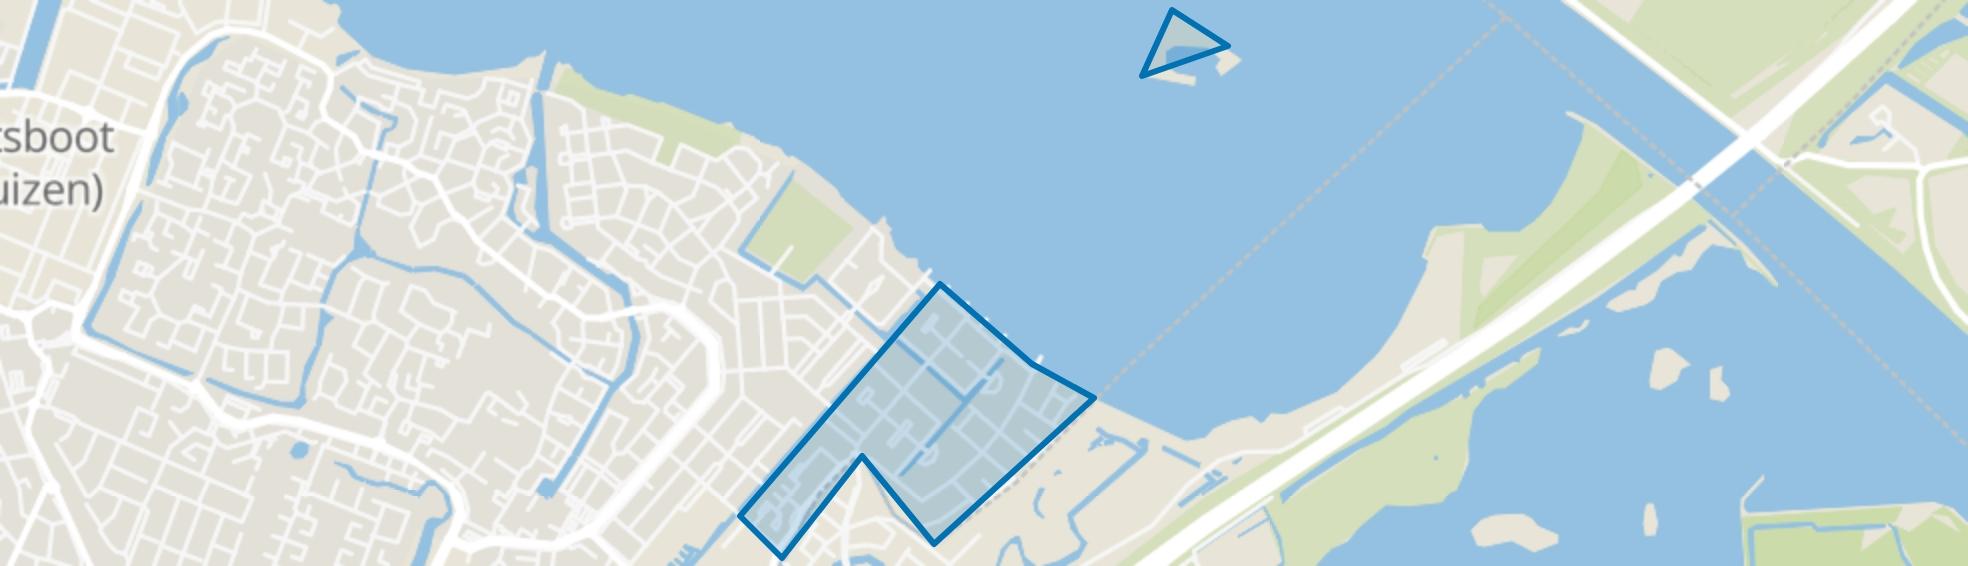 Filosofenbuurt, Huizen map